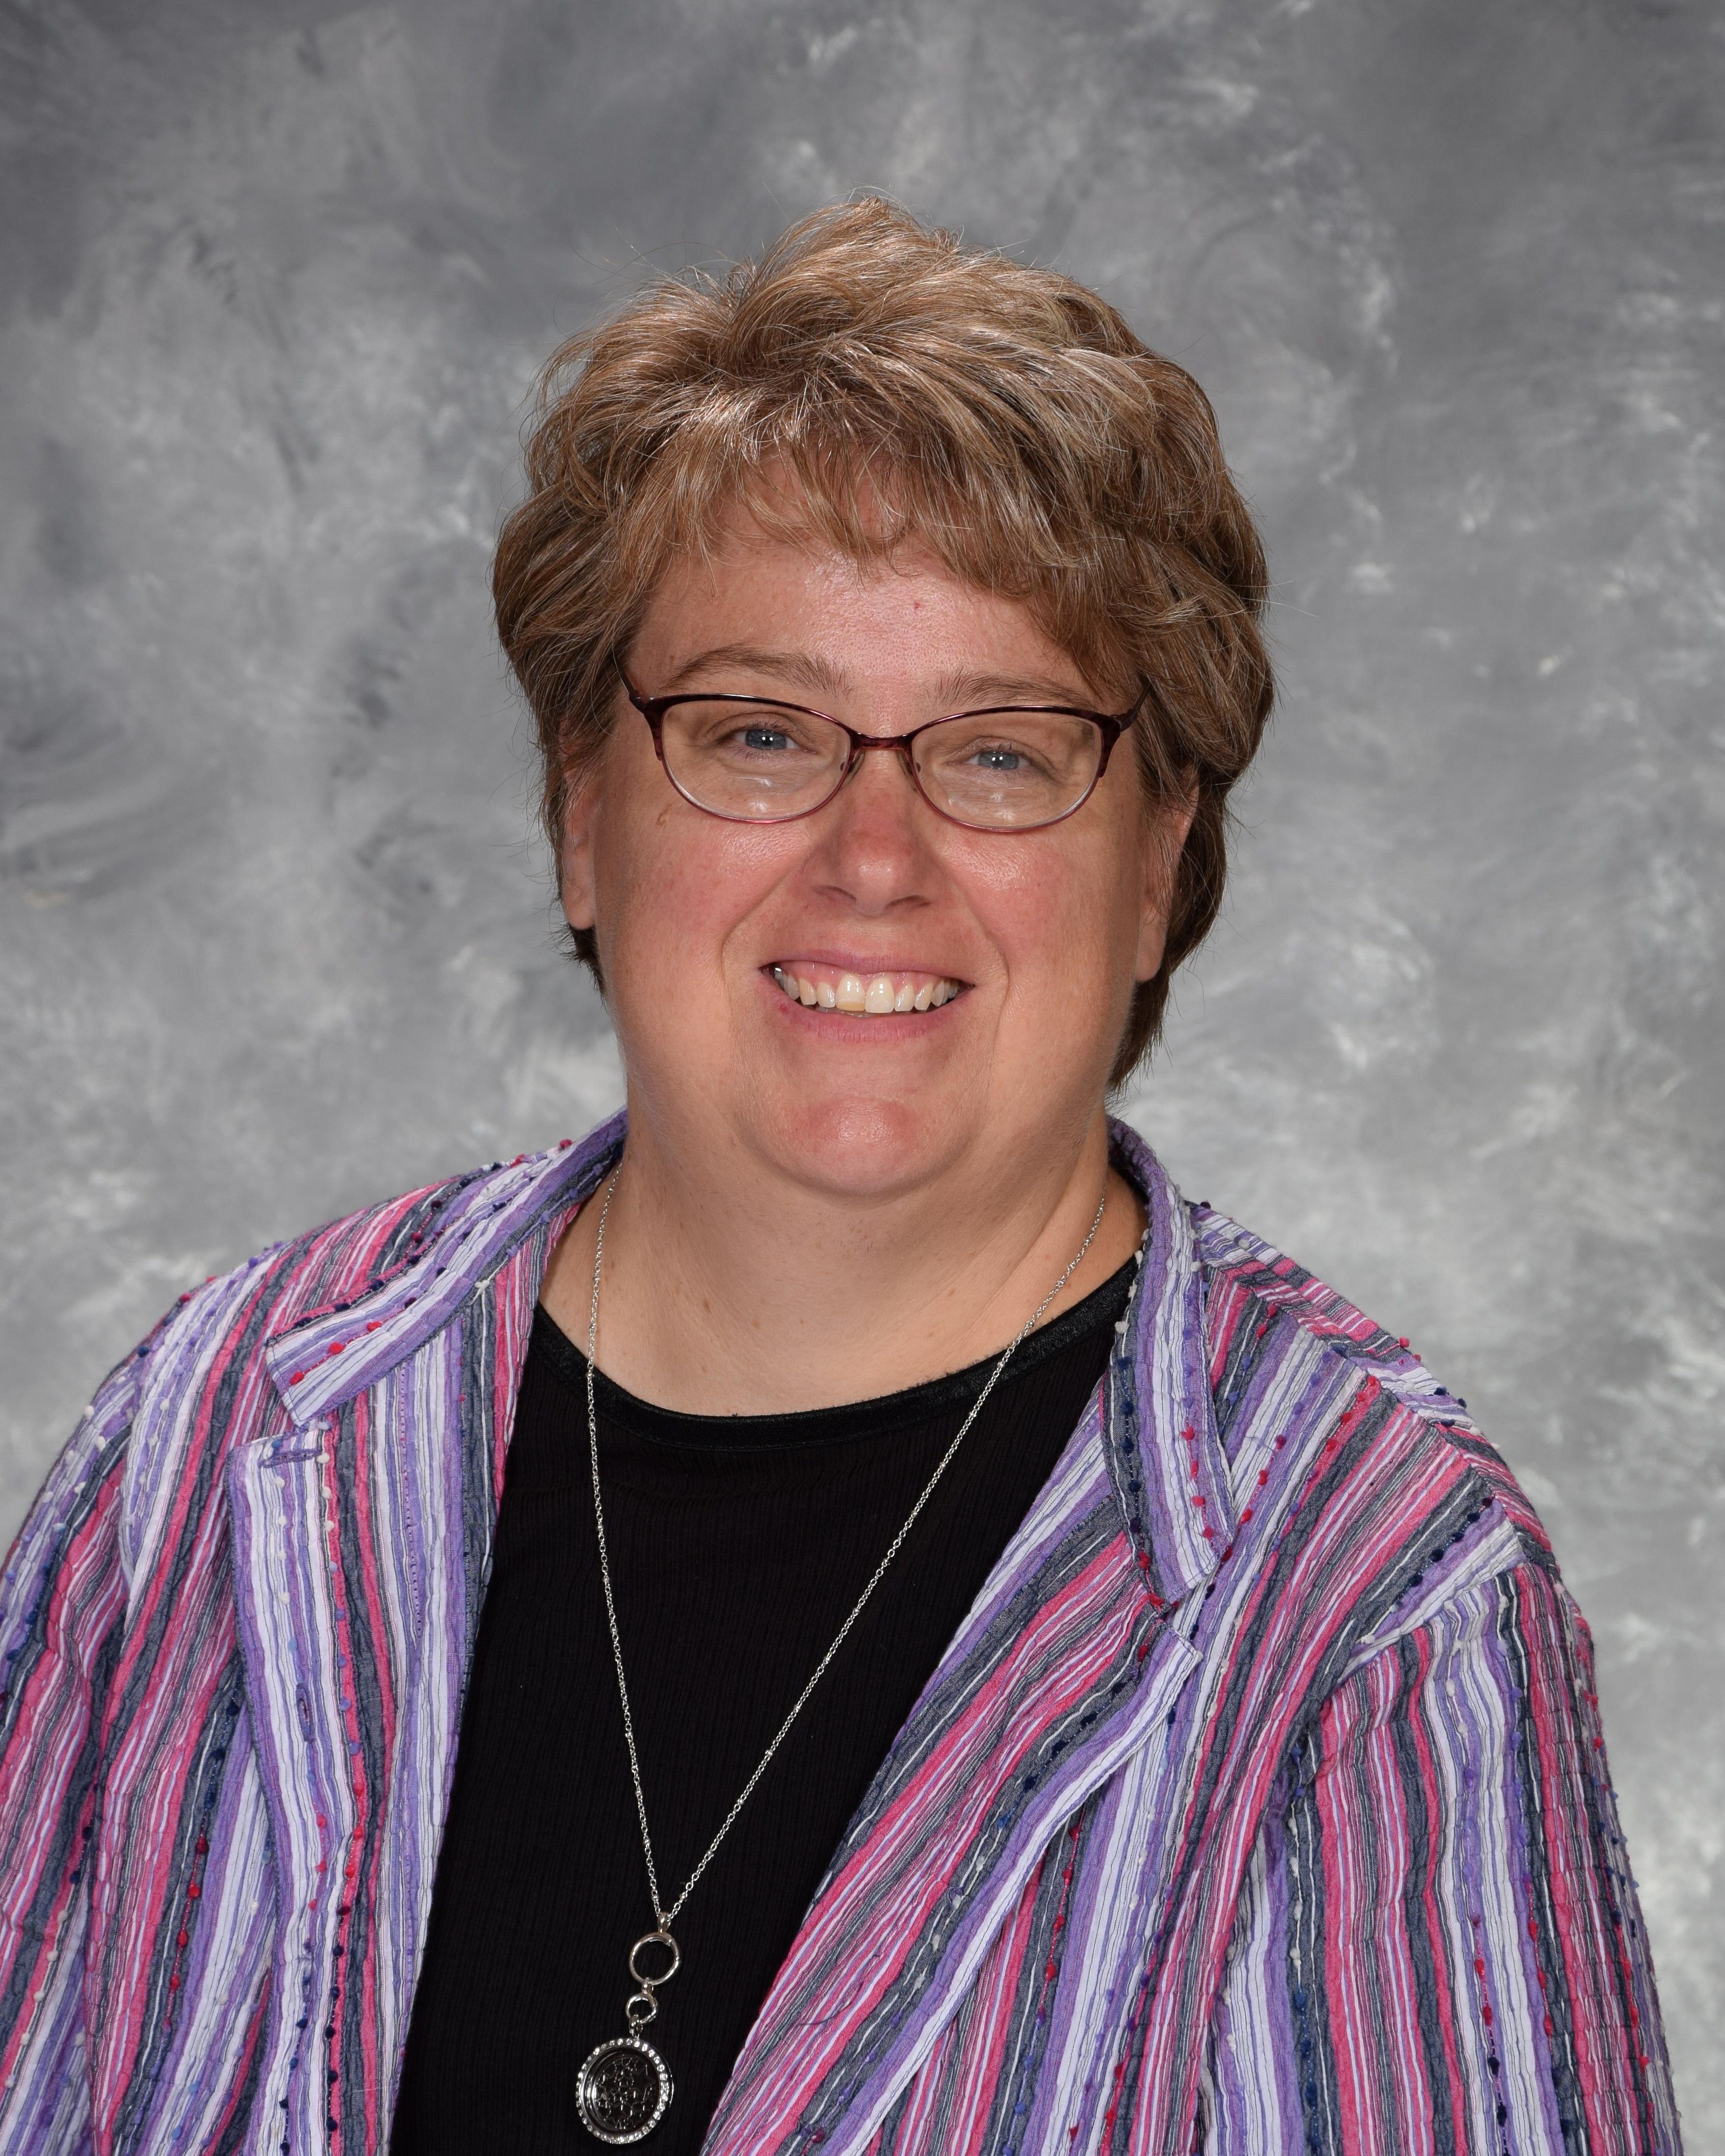 Angela Holbrook